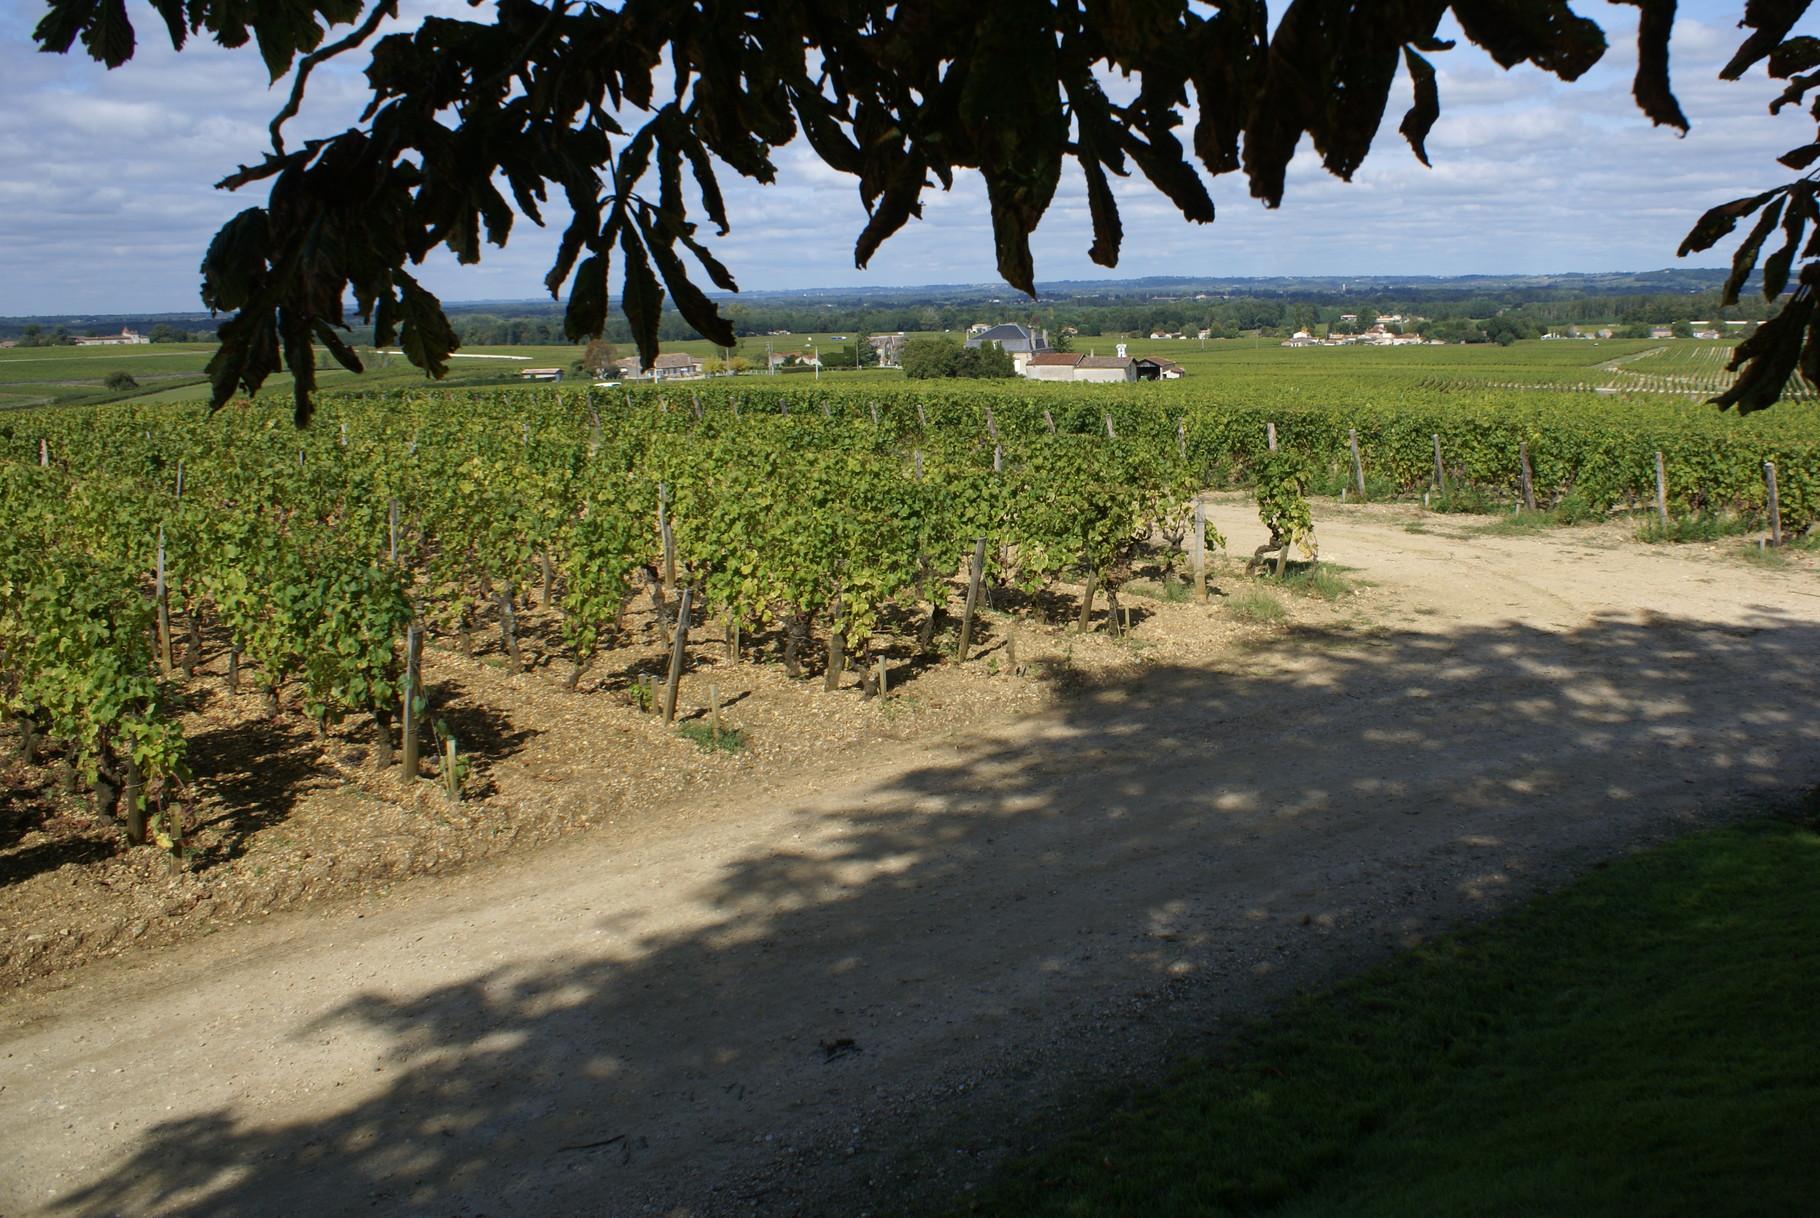 Les vignes vues de sous les arbres séculaires. Sachez qu'à Yquem, un pied de vigne produit un verre de vin alors qu'en général un pied permet d'obtenir une bouteille de Sauternes